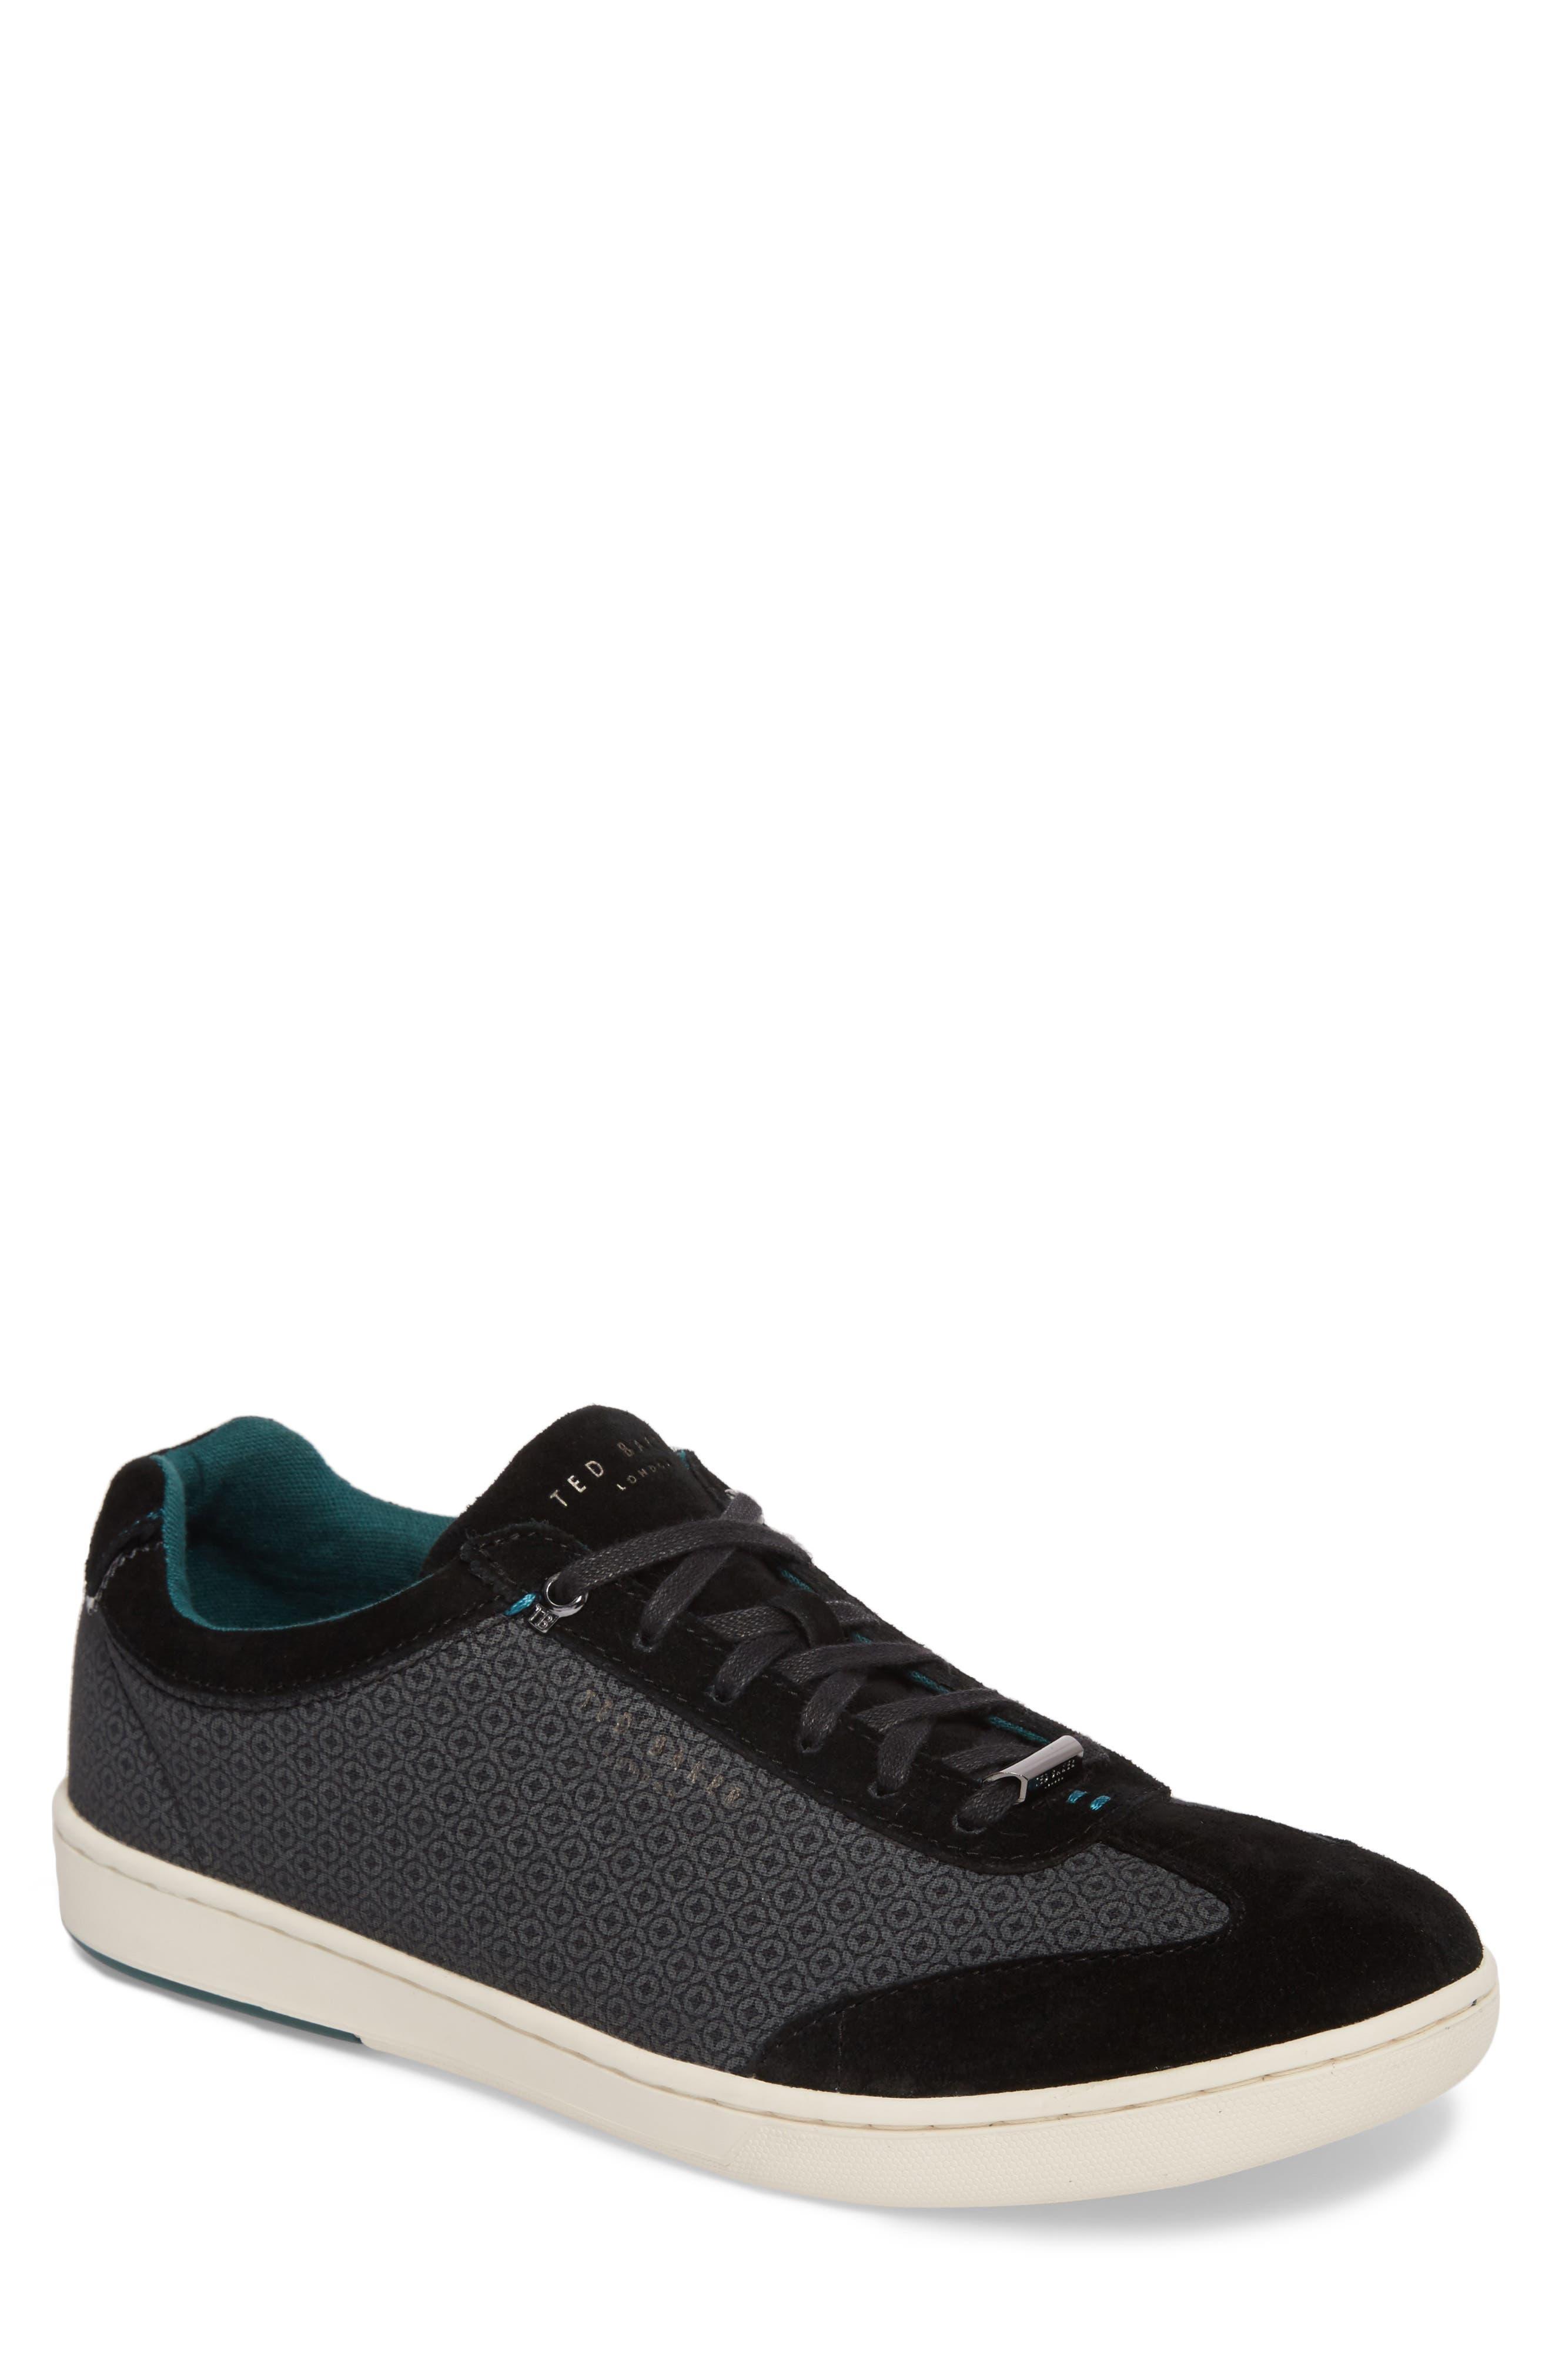 Main Image - Ted Baker London Kiefer Sneaker (Men)